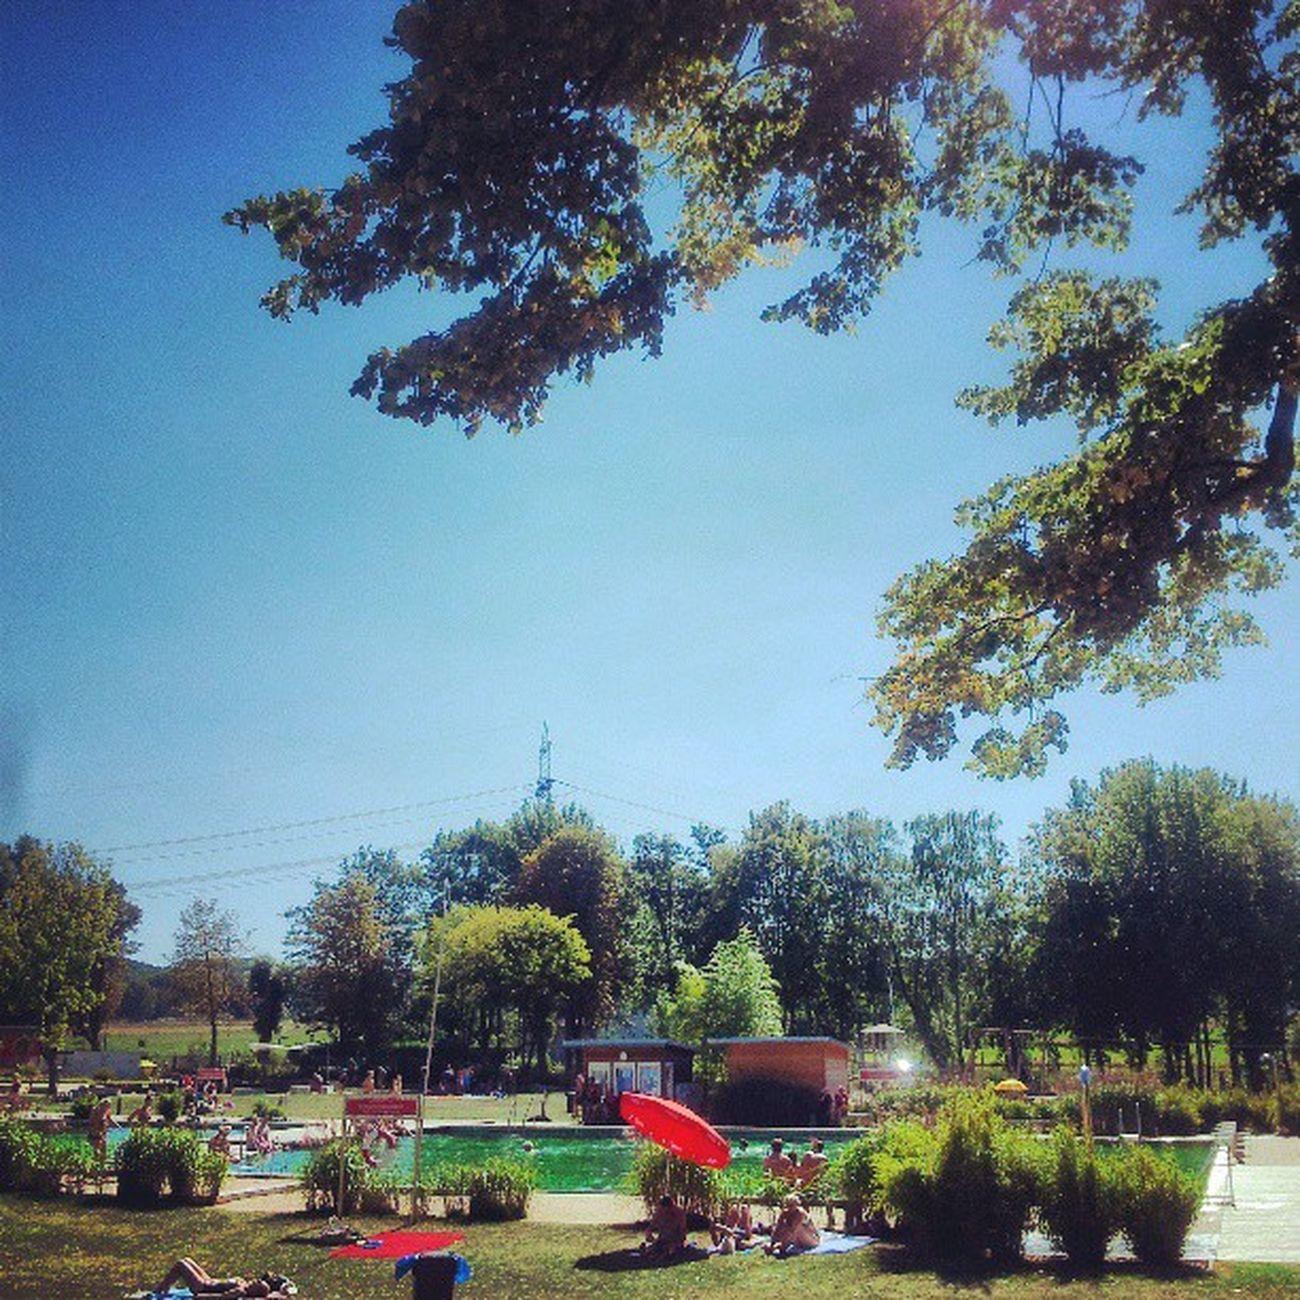 Naturbad Froschloch Dortmund Hombruch sommer spaß